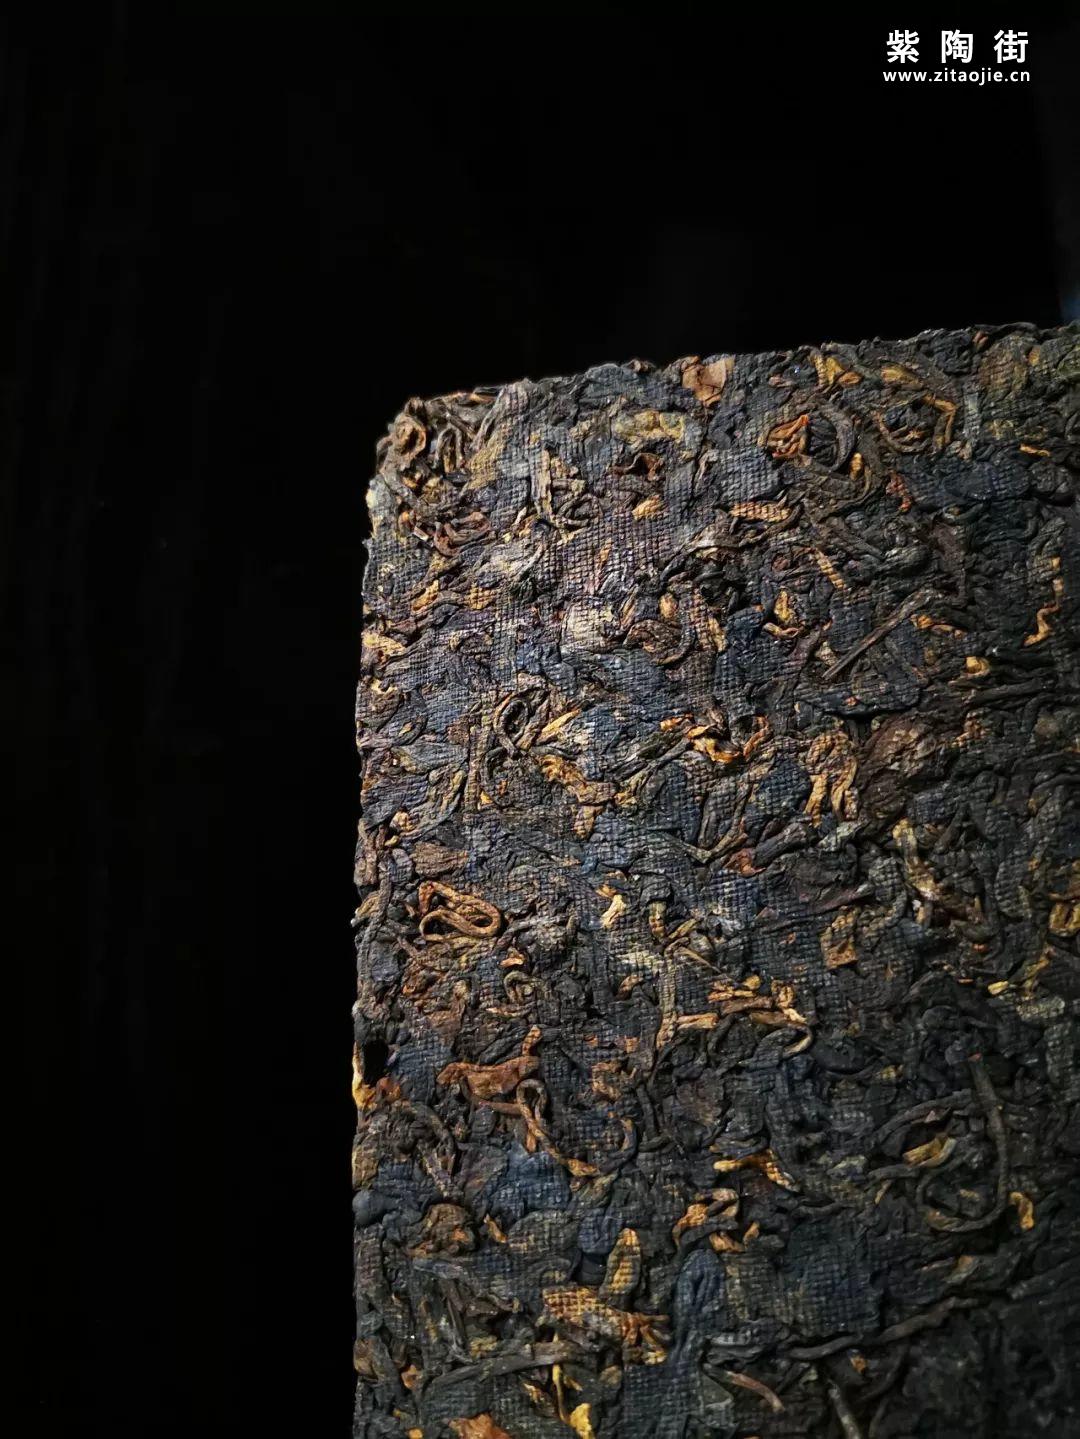 二十年老茶冲泡秘籍 1998年熟茶砖插图